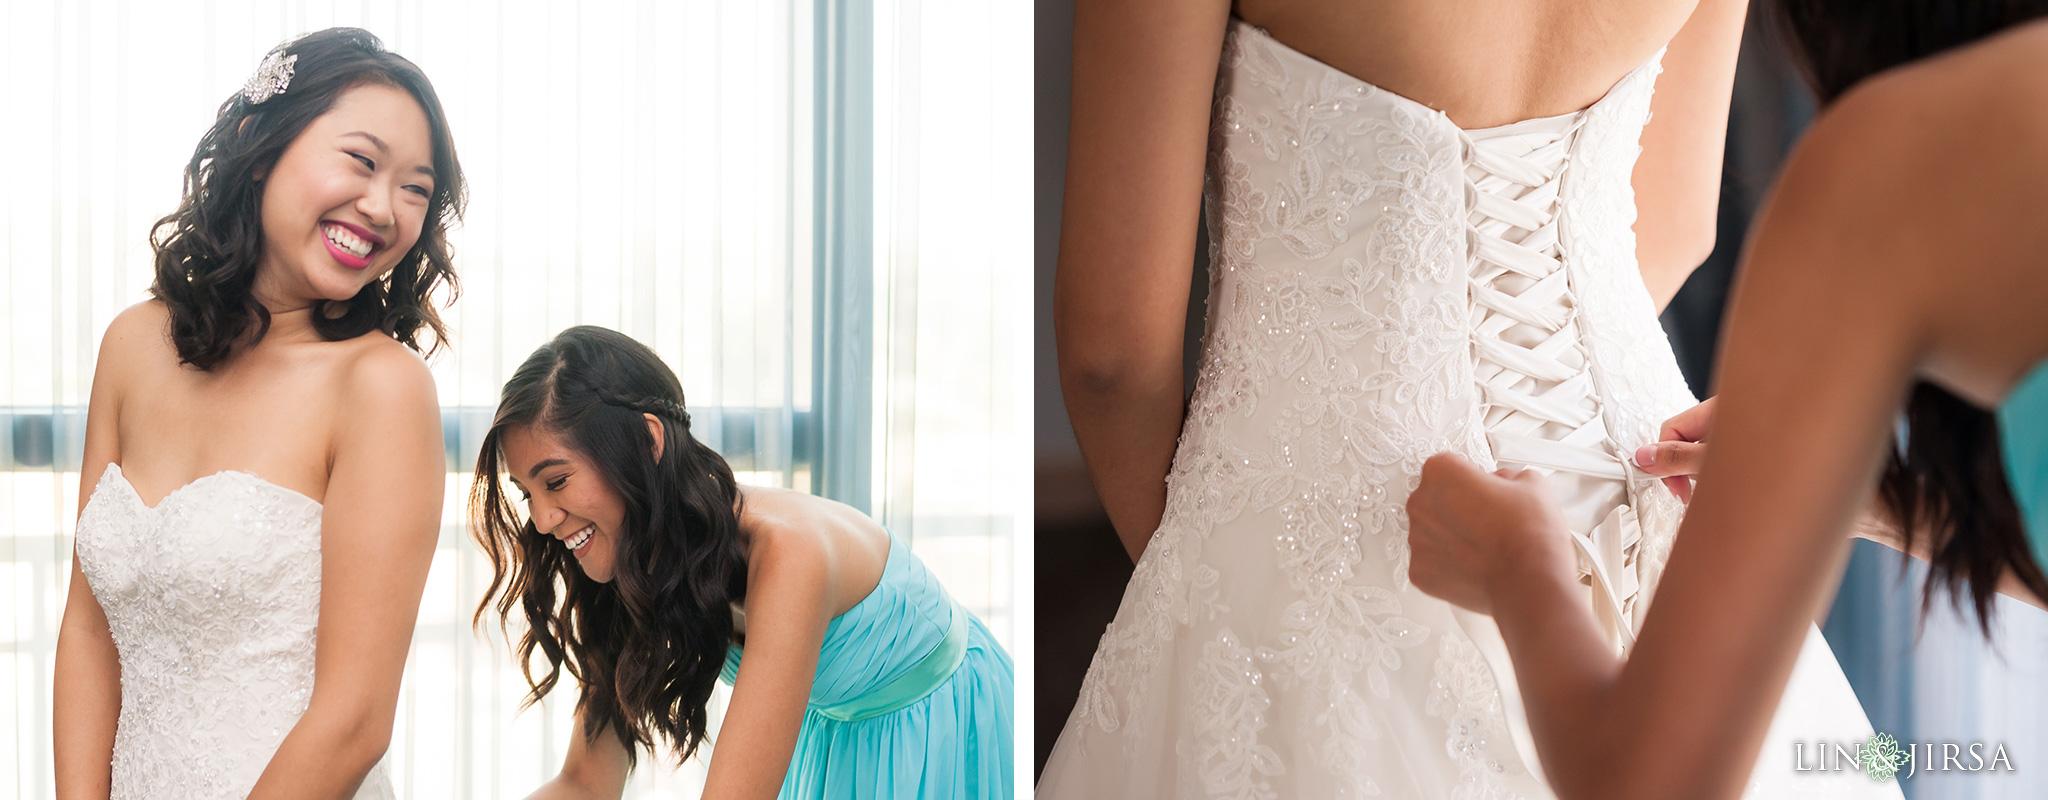 04-richard-nixon-libary-wedding-photography